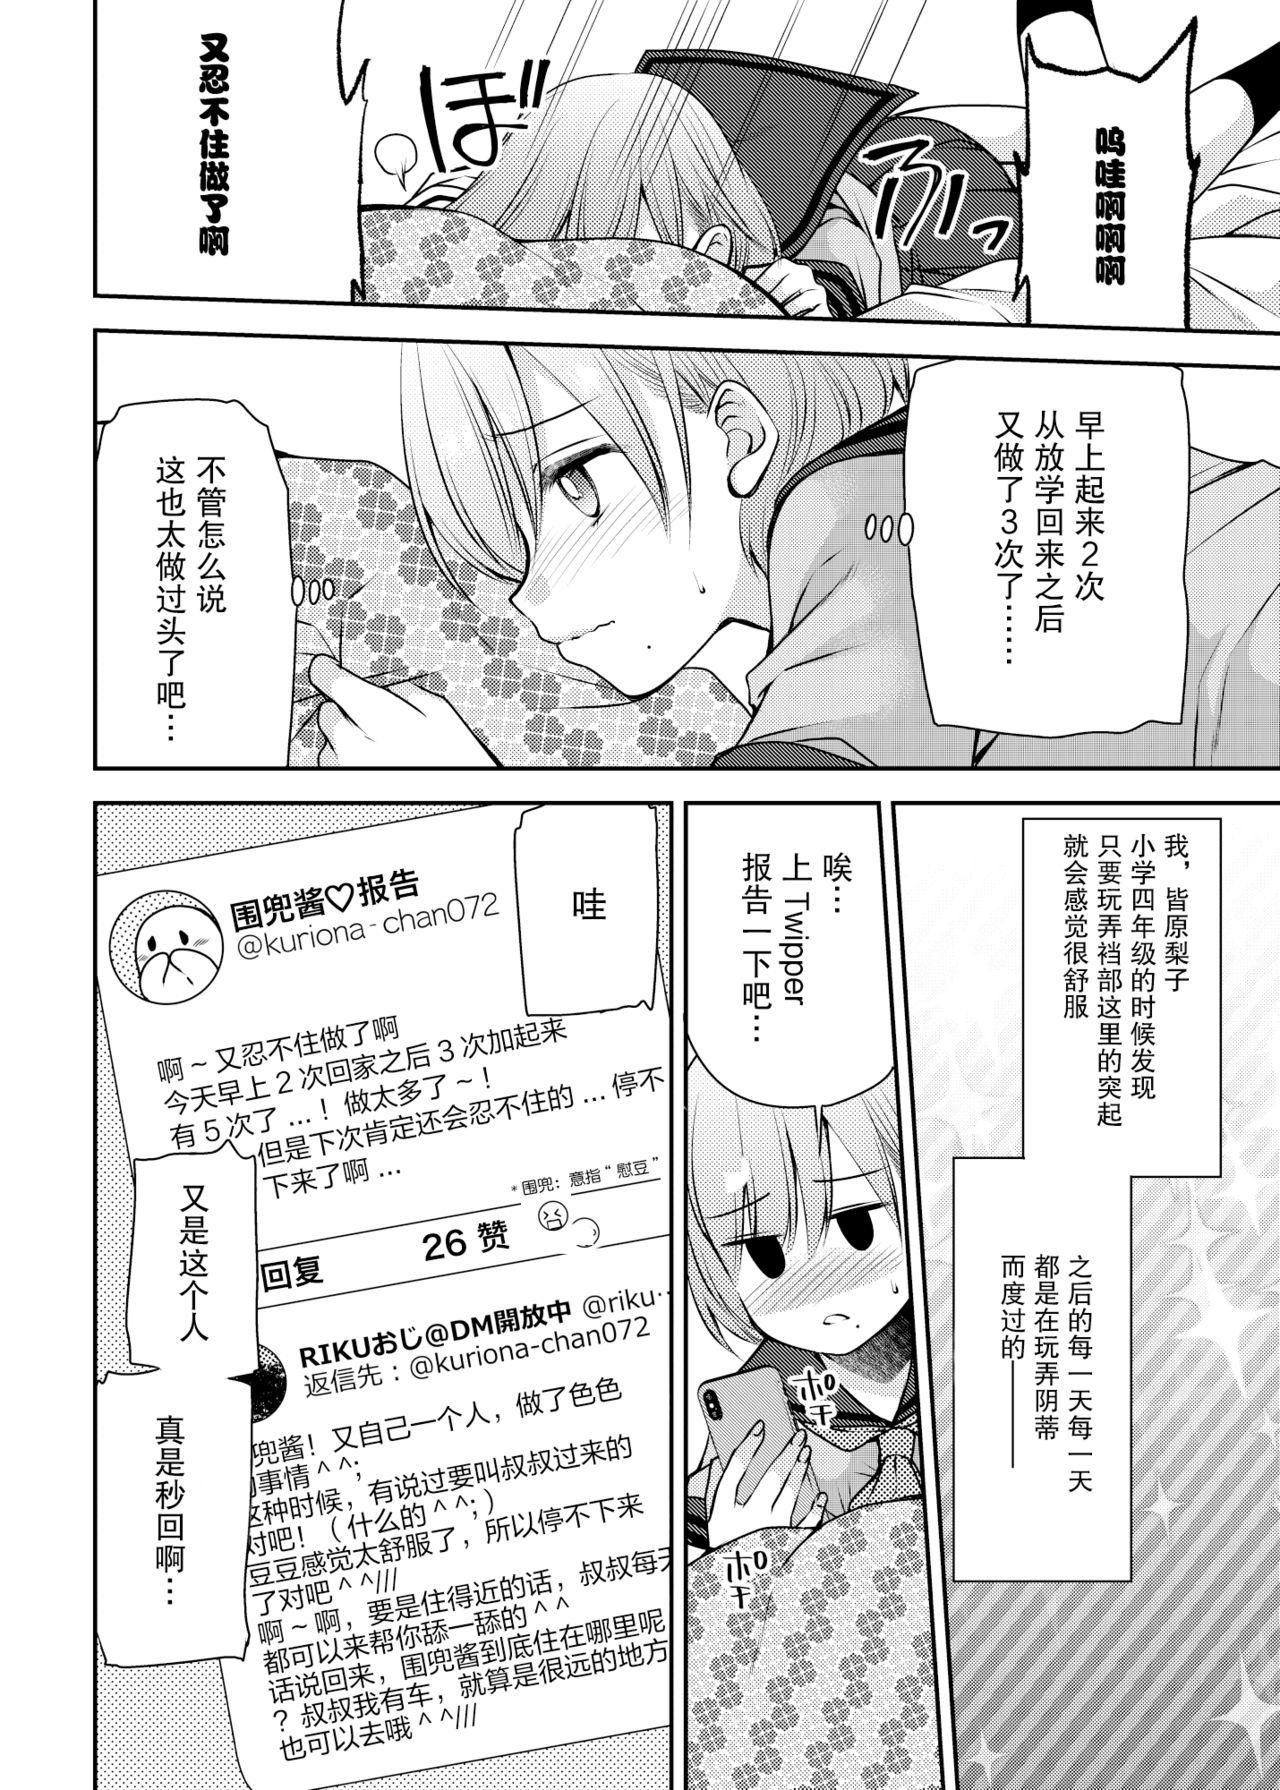 Kono Kimochi Ii Tokki ga Zenbu Warui!! 3